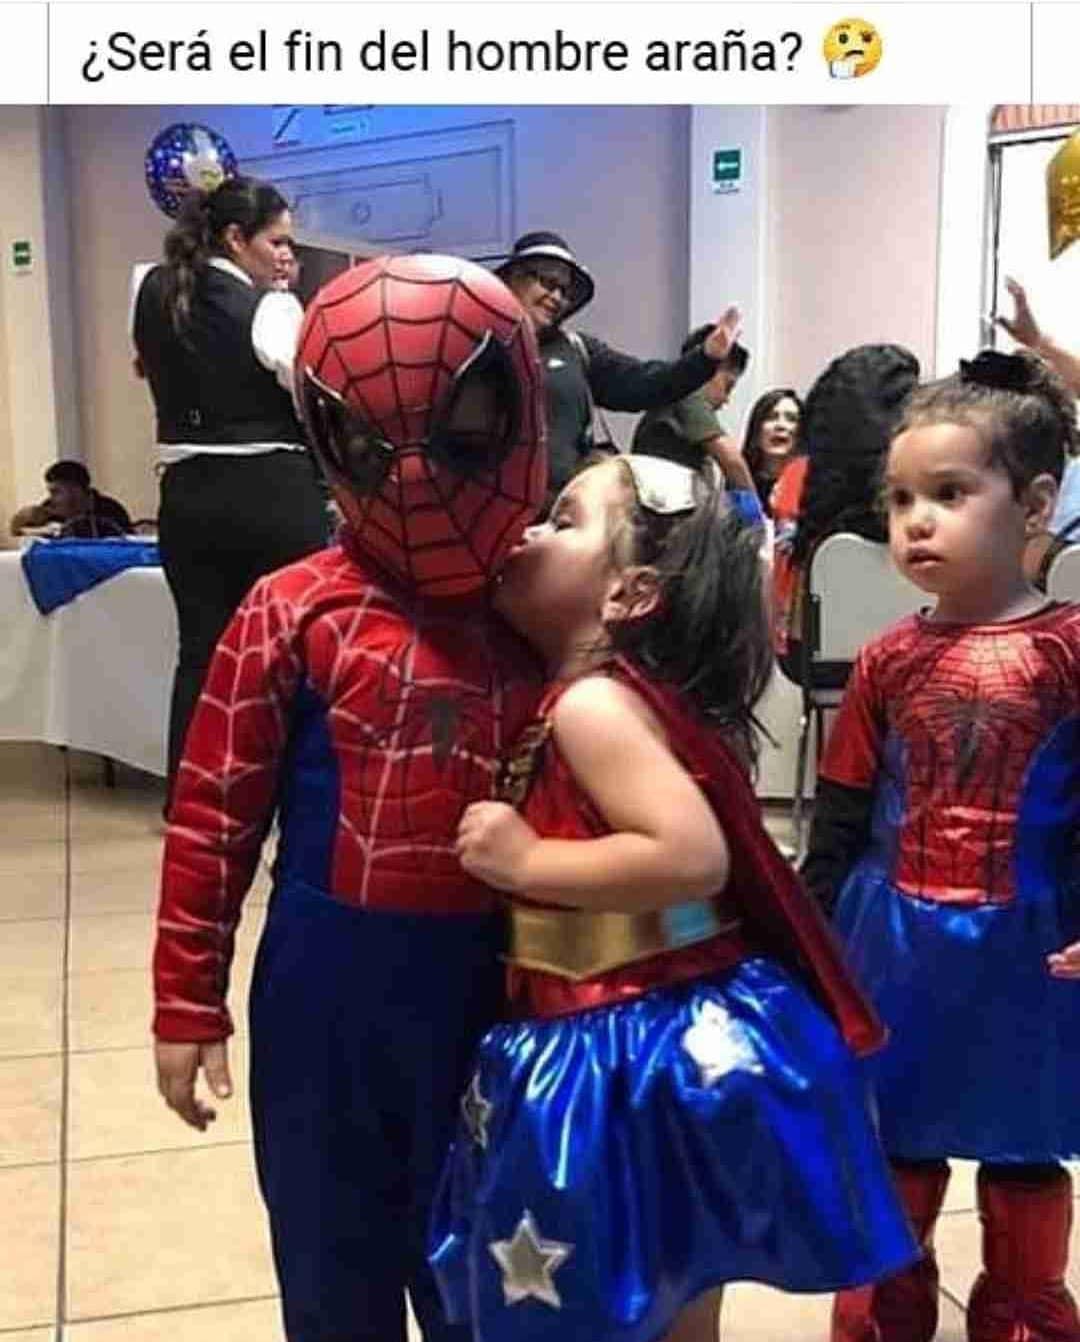 ¿Será el fin del hombre araña?